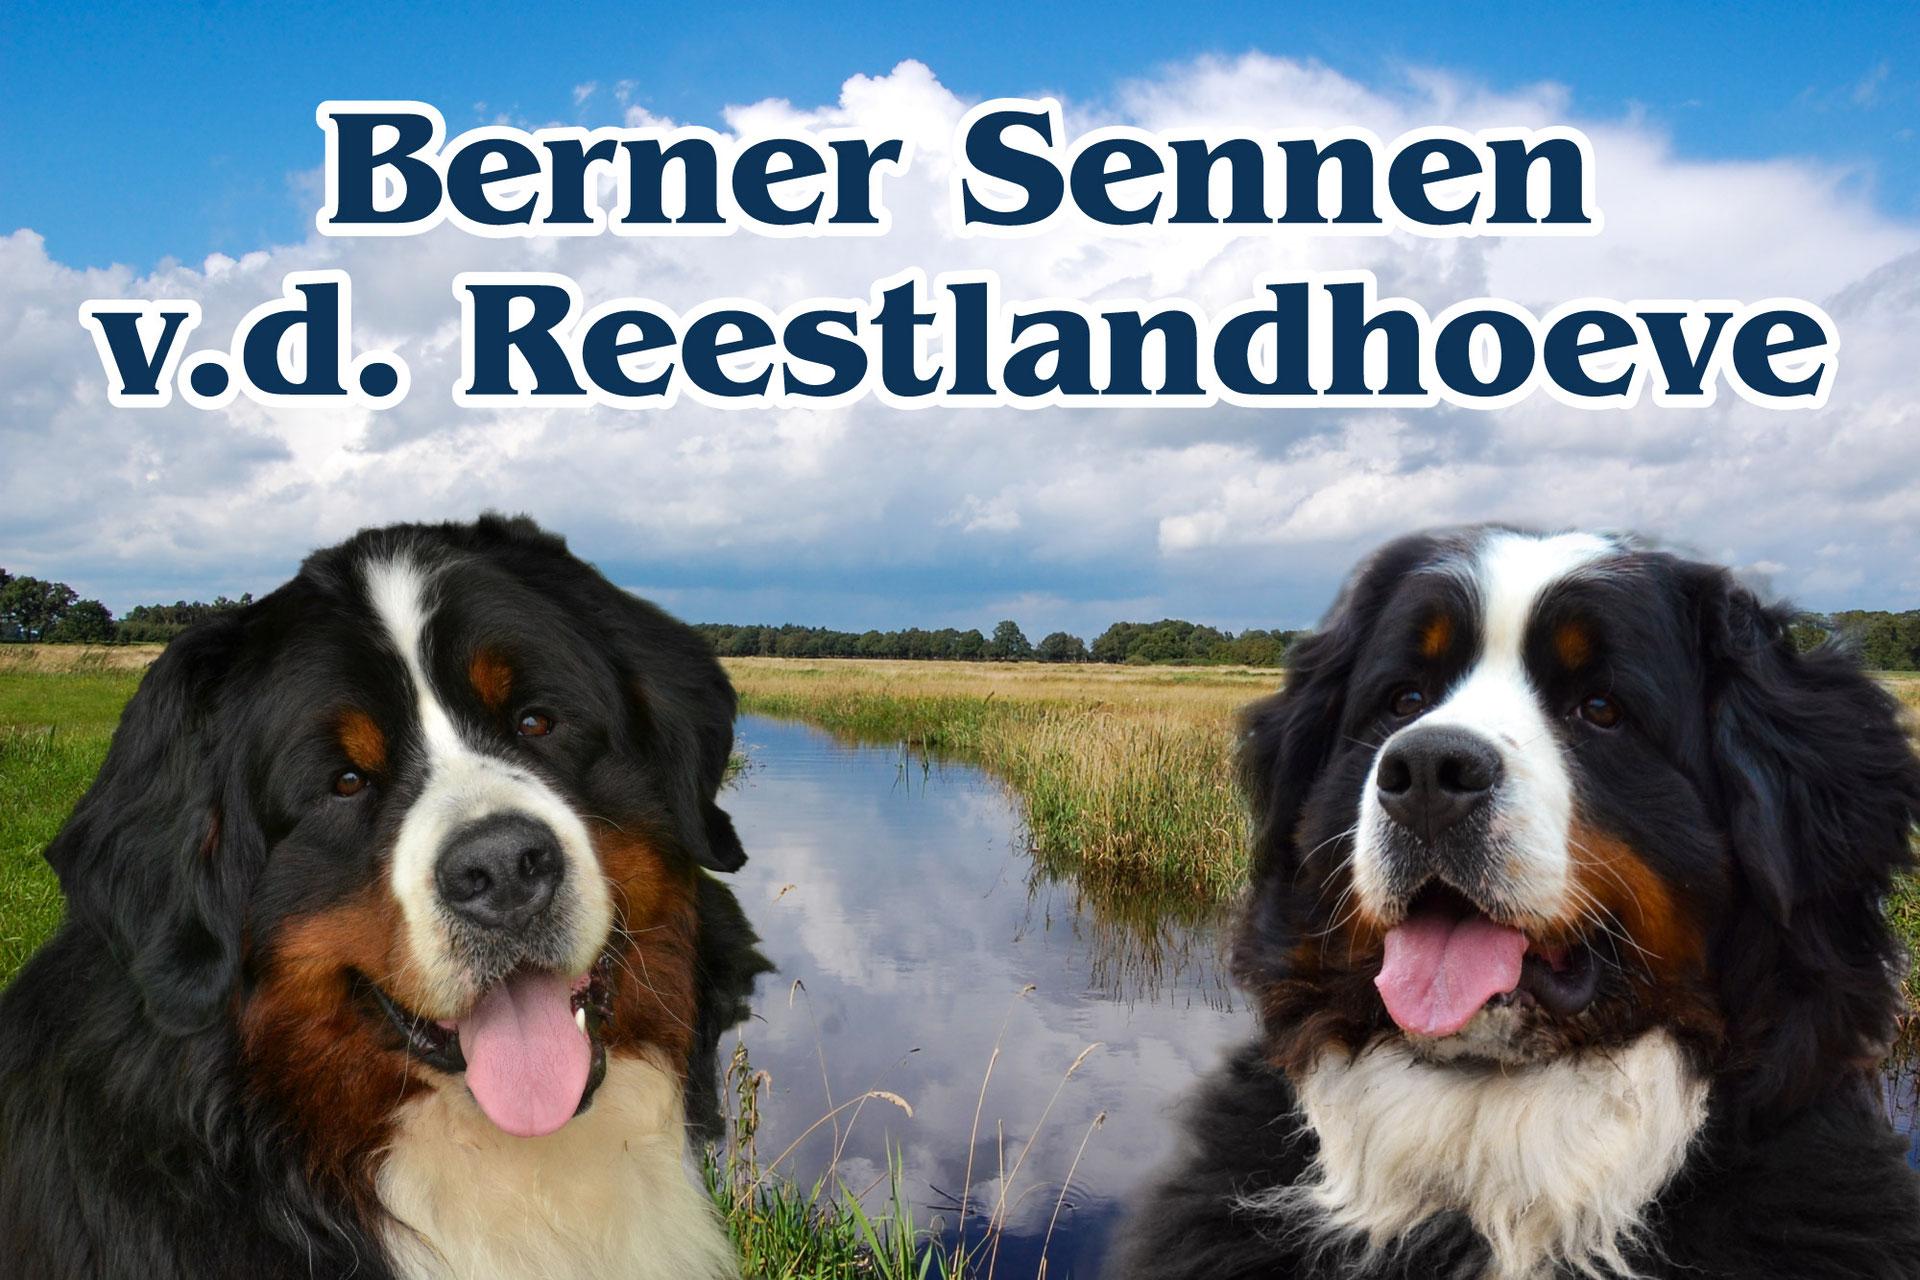 Berner Sennen Honden V D Reestlandhoeve Berner Sennen